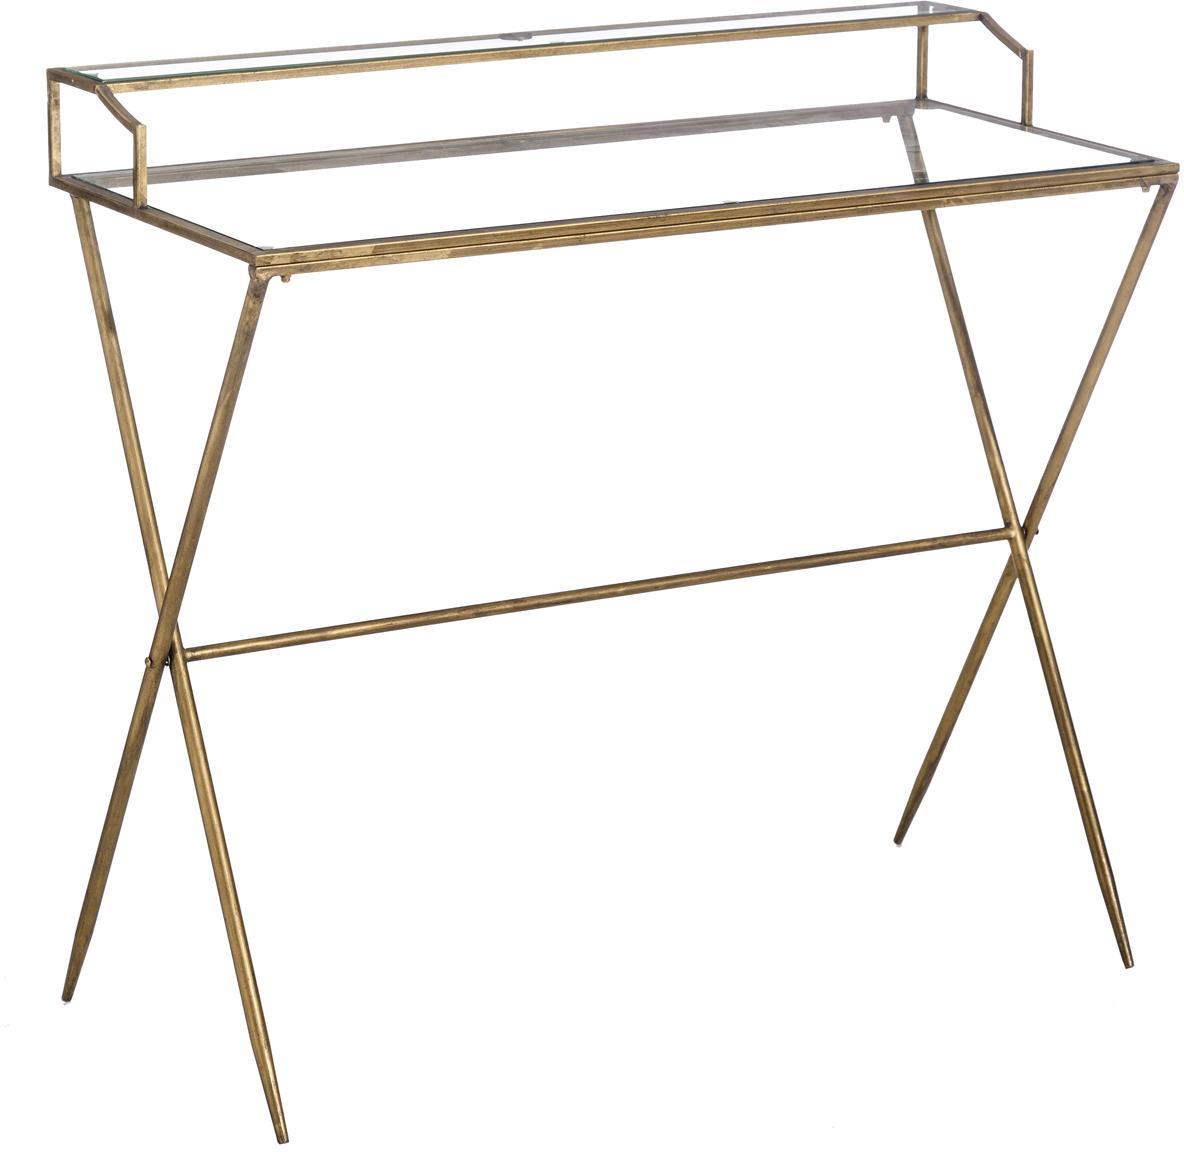 Glas-Schreibtisch Granada mit Antik-Finish, Gestell: Metall, beschichtet, Tischplatte: Sicherheitsglas, Messingfarben mit Antik-Finish, Transparent, B 95 x T 42 cm